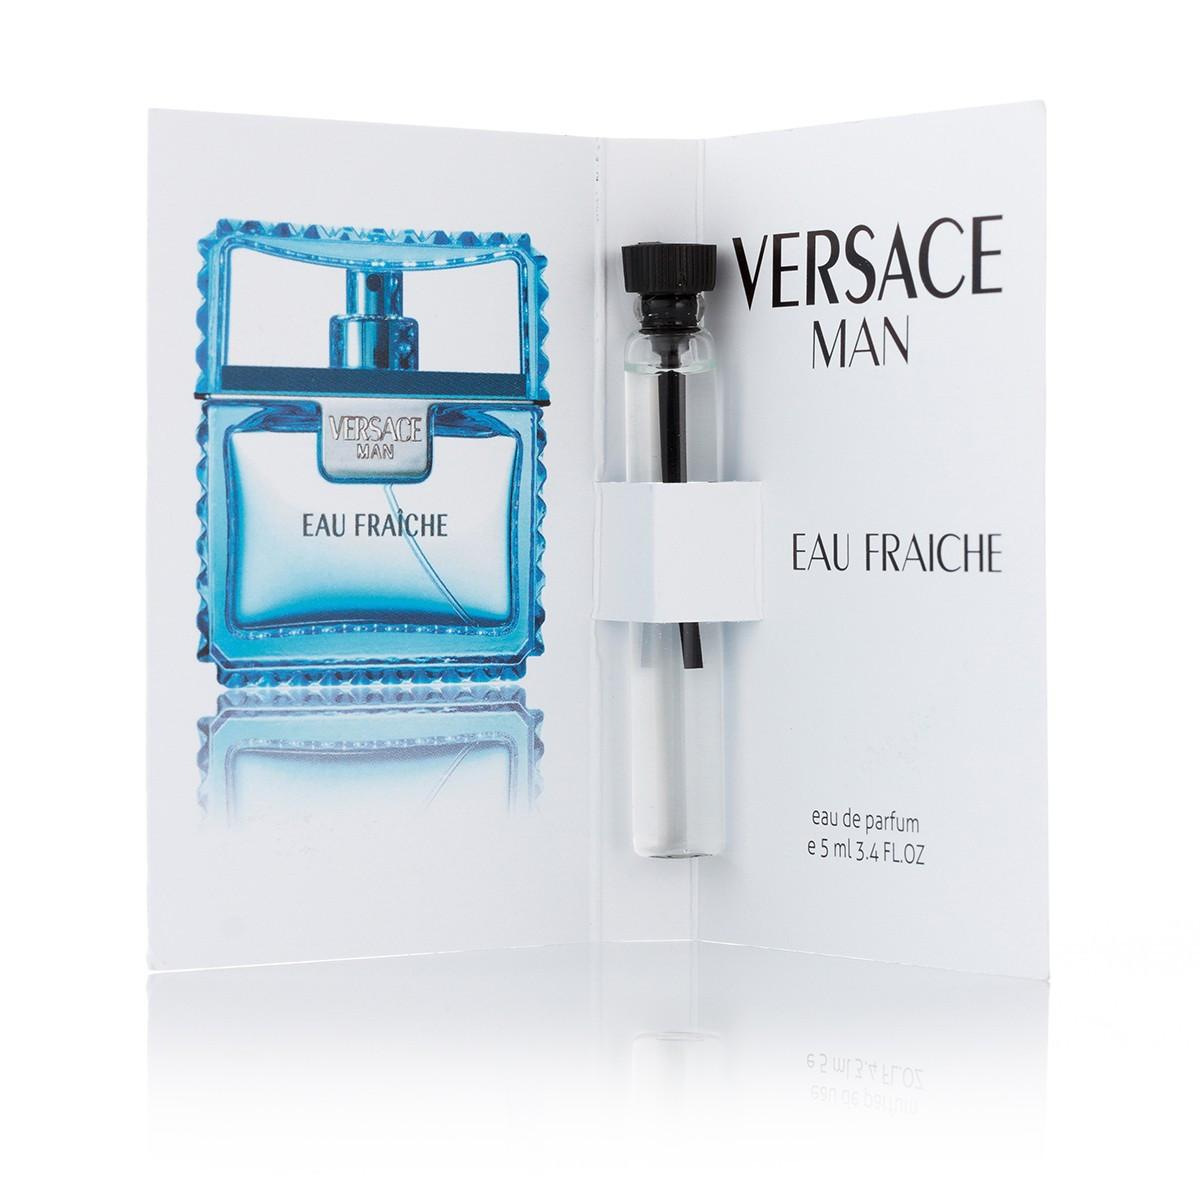 Versace Man Eau Fraiche (м) 5 ml